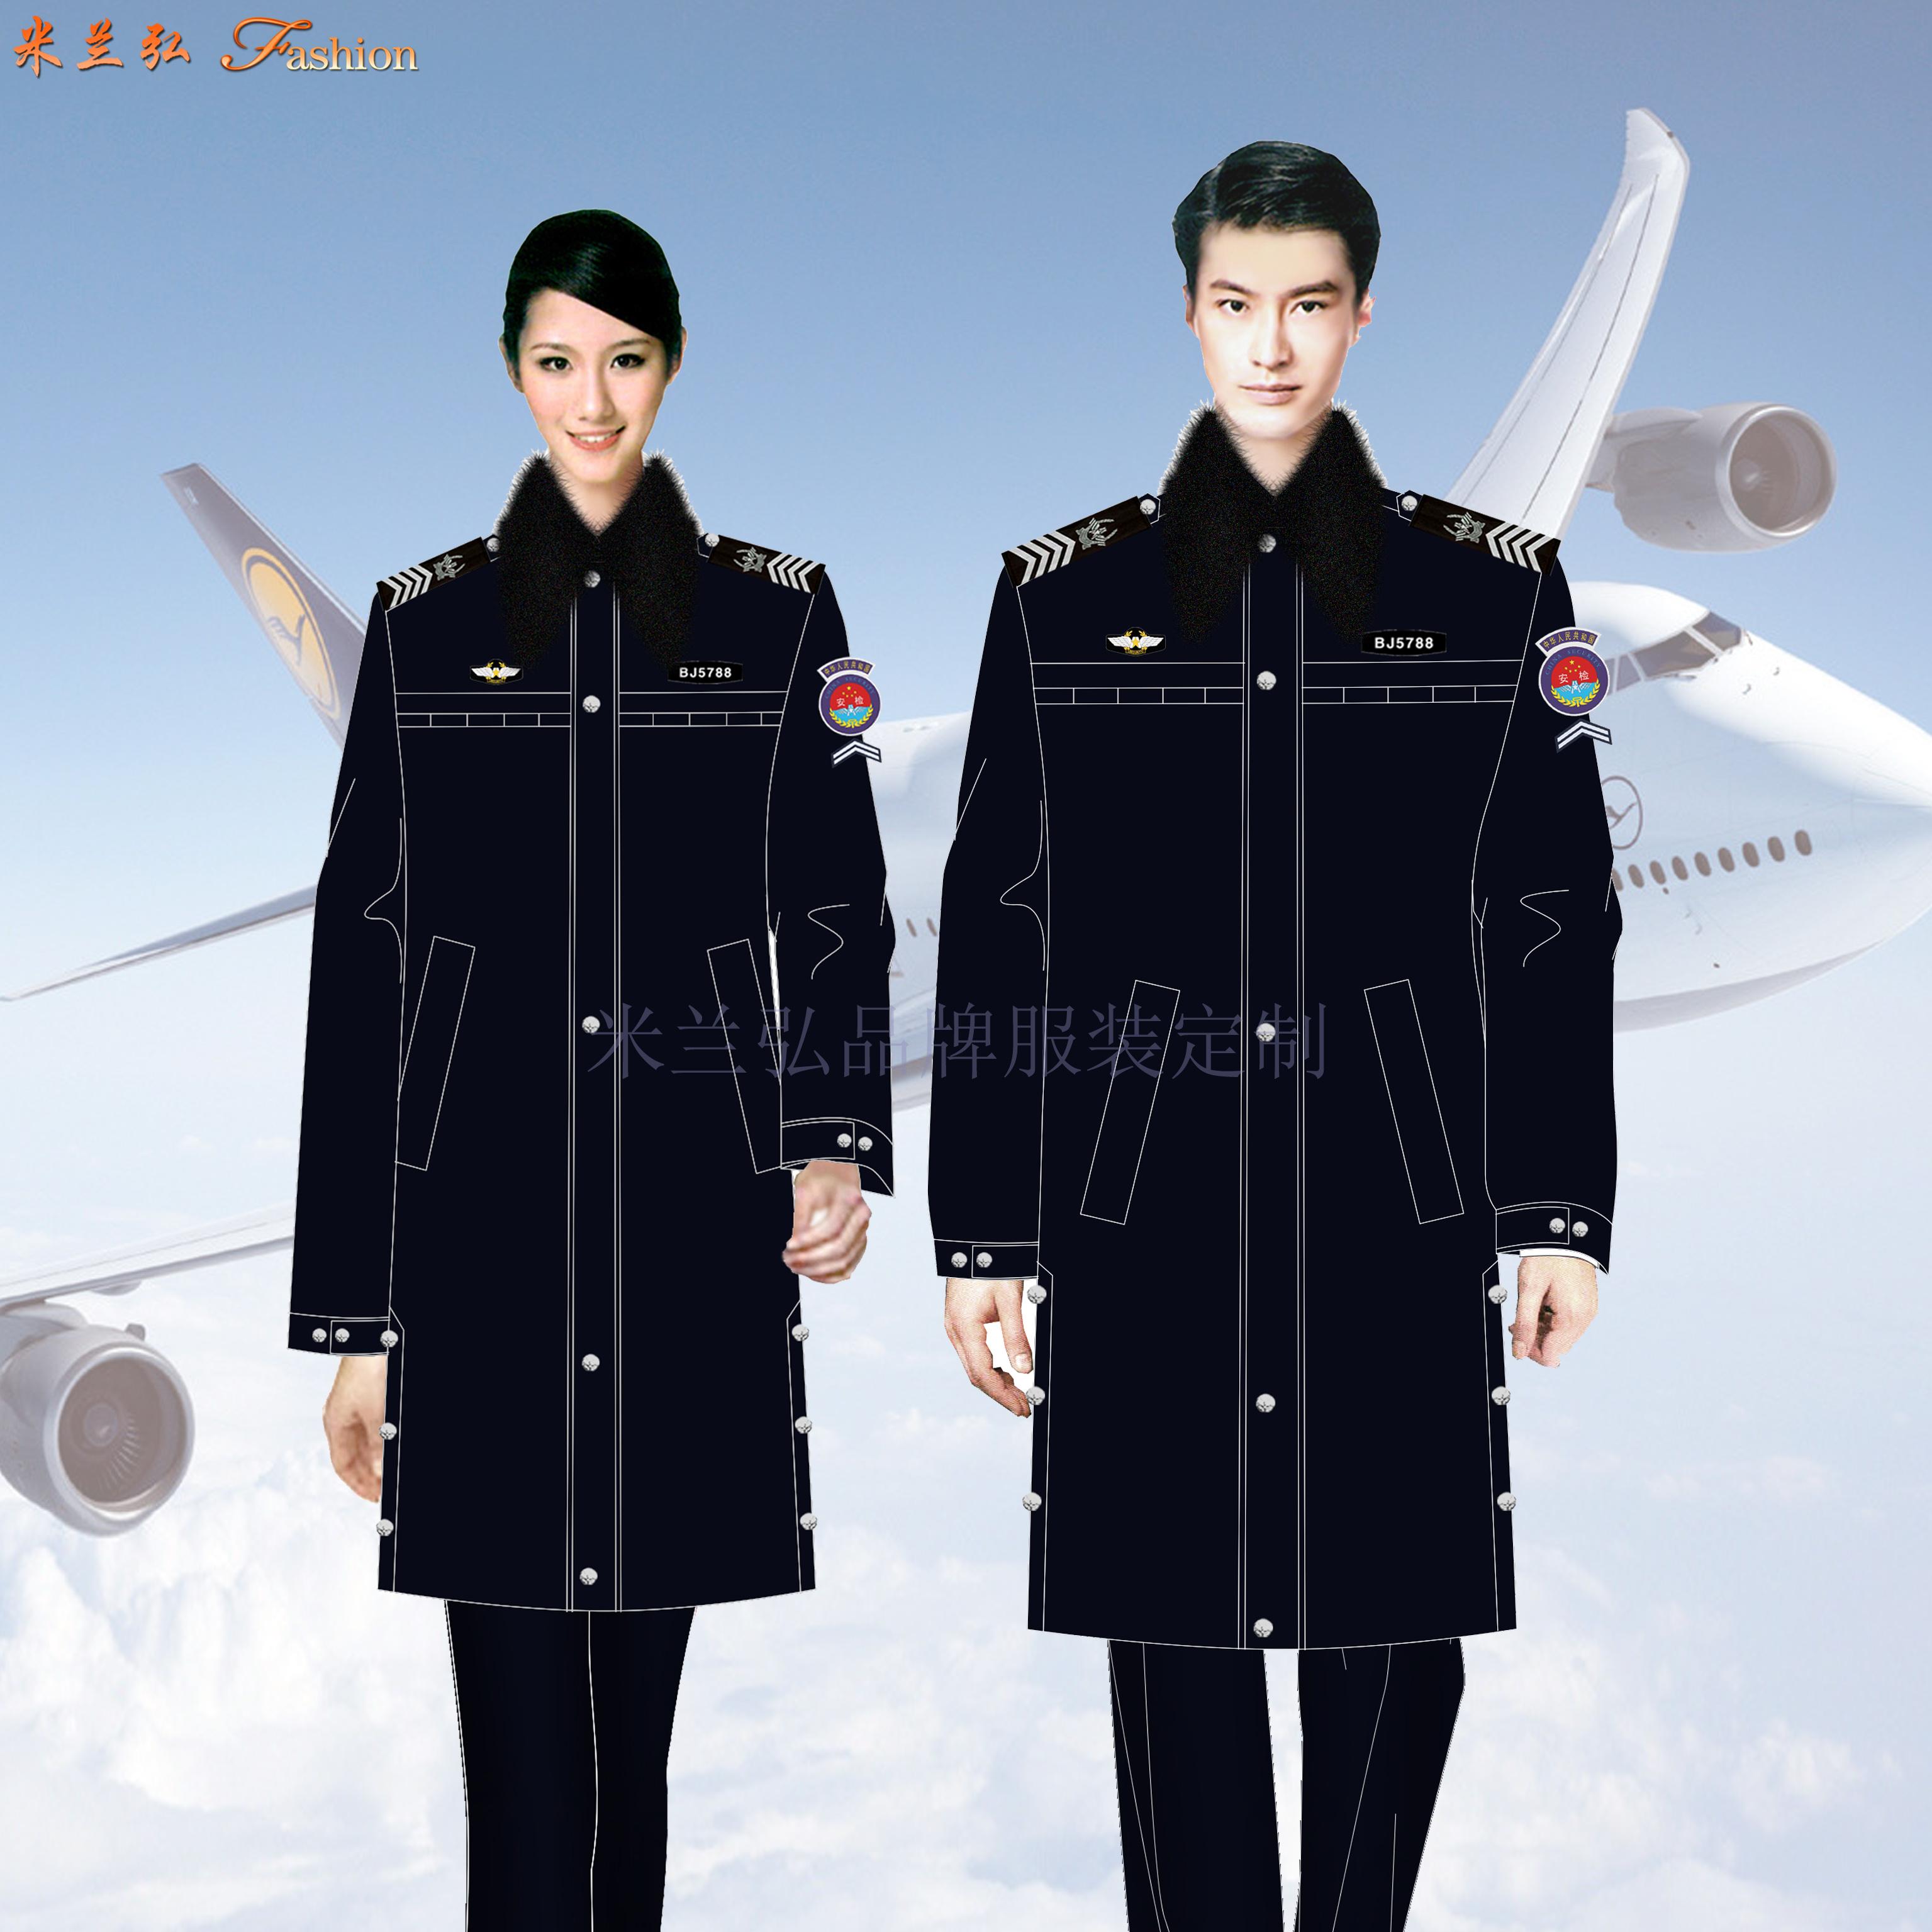 安檢服羊毛大衣定做_機場安檢員大衣訂製_民航安檢棉服定製-4